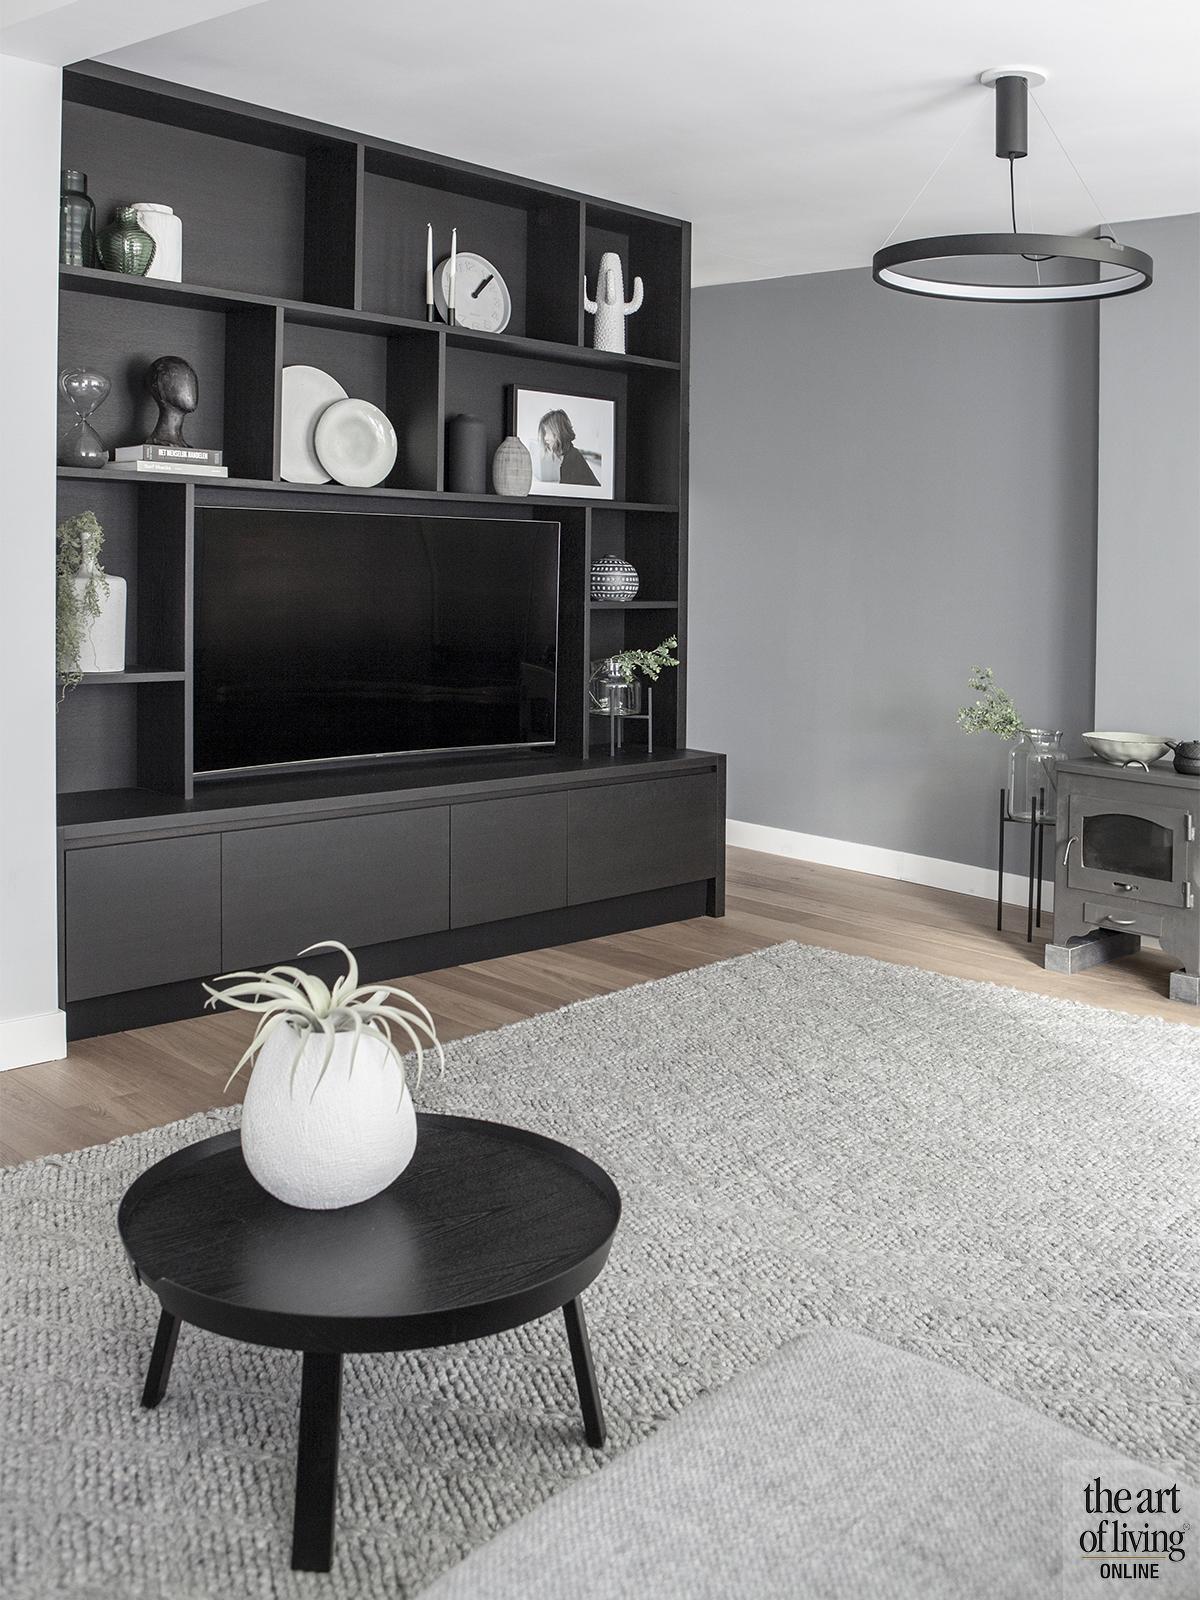 Roomdivider inspiratie, Roomdivider, Leren wandbekleding, Woonkamer inrichting, Badkamer, Slaapkamer inspiratie, Openhaard, Luxueus interieur, Design interieur